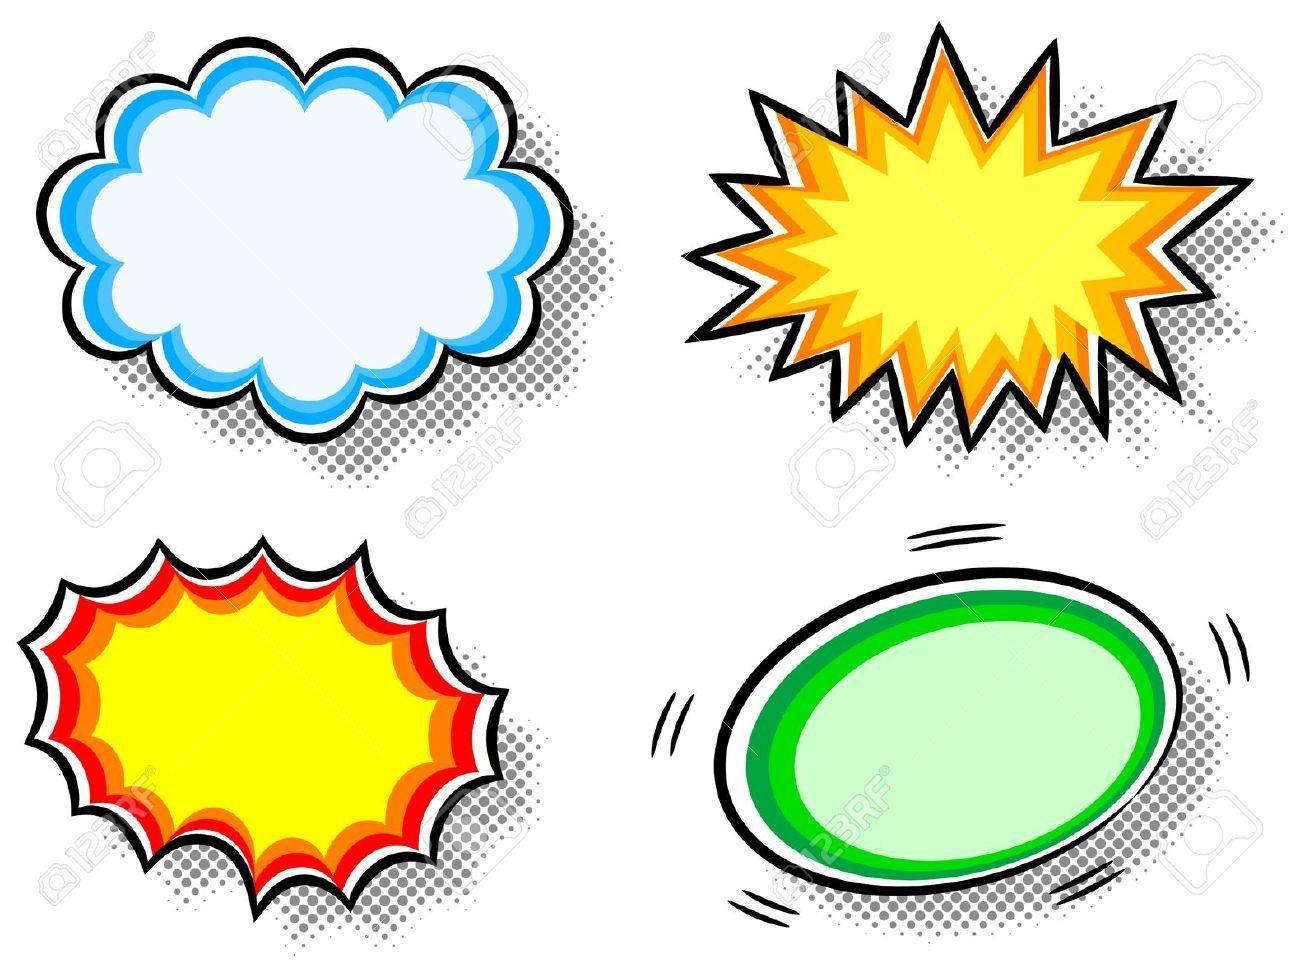 Burst clipart bubble.  illustration of four